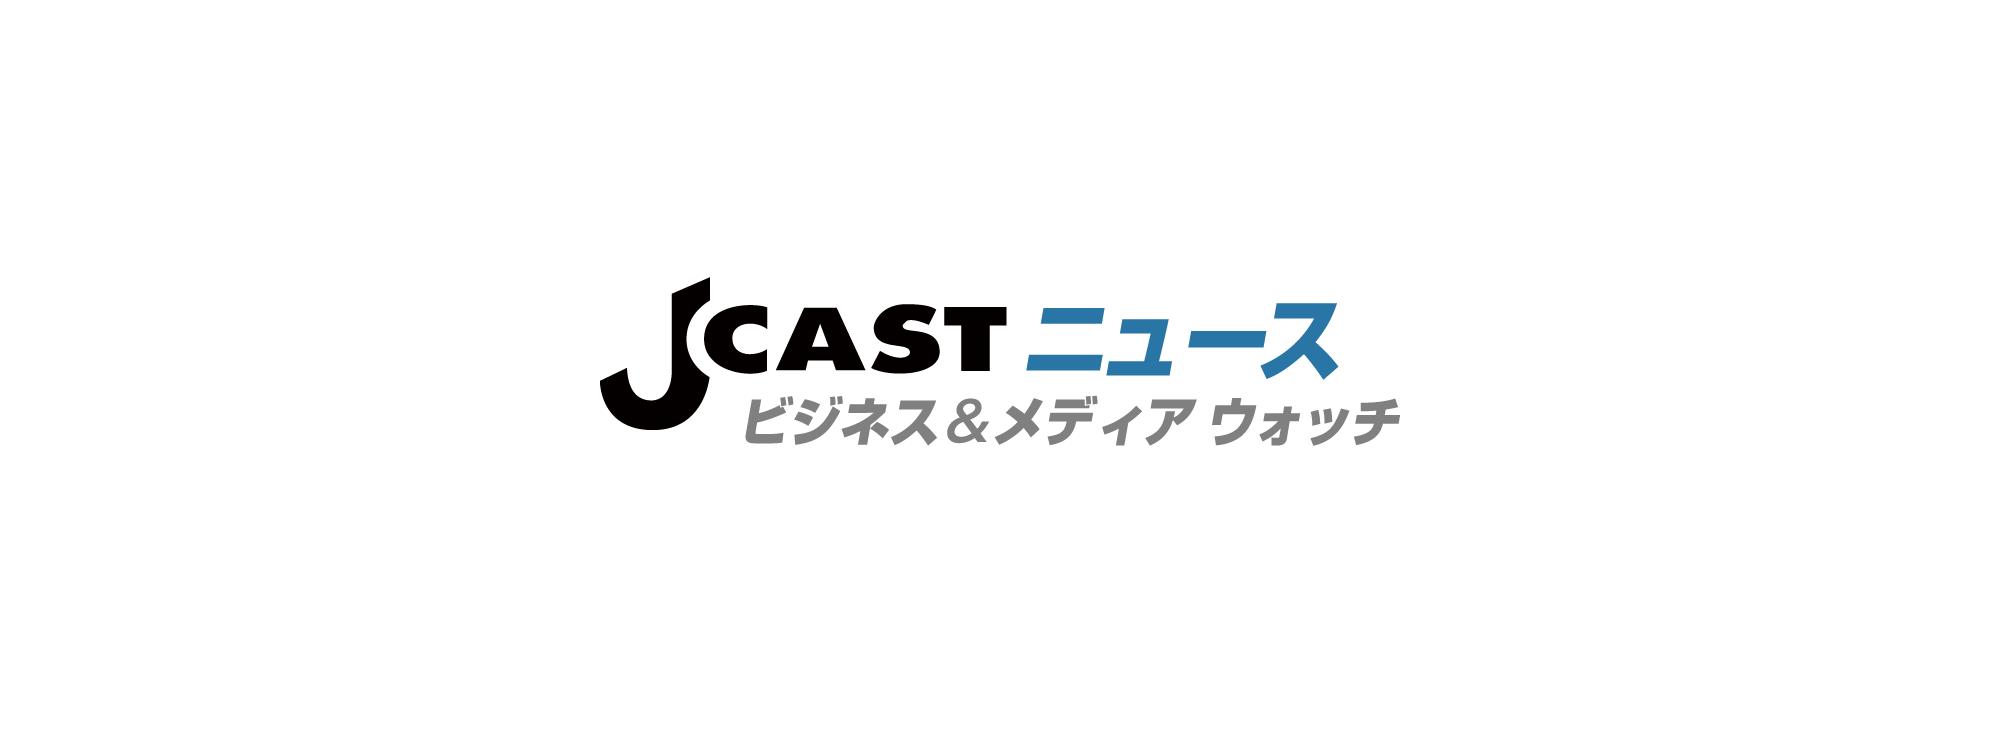 「女子挺身隊」AV作品が発売中止に 「慰安婦」だと韓国紙が主張 : J-CASTニュース